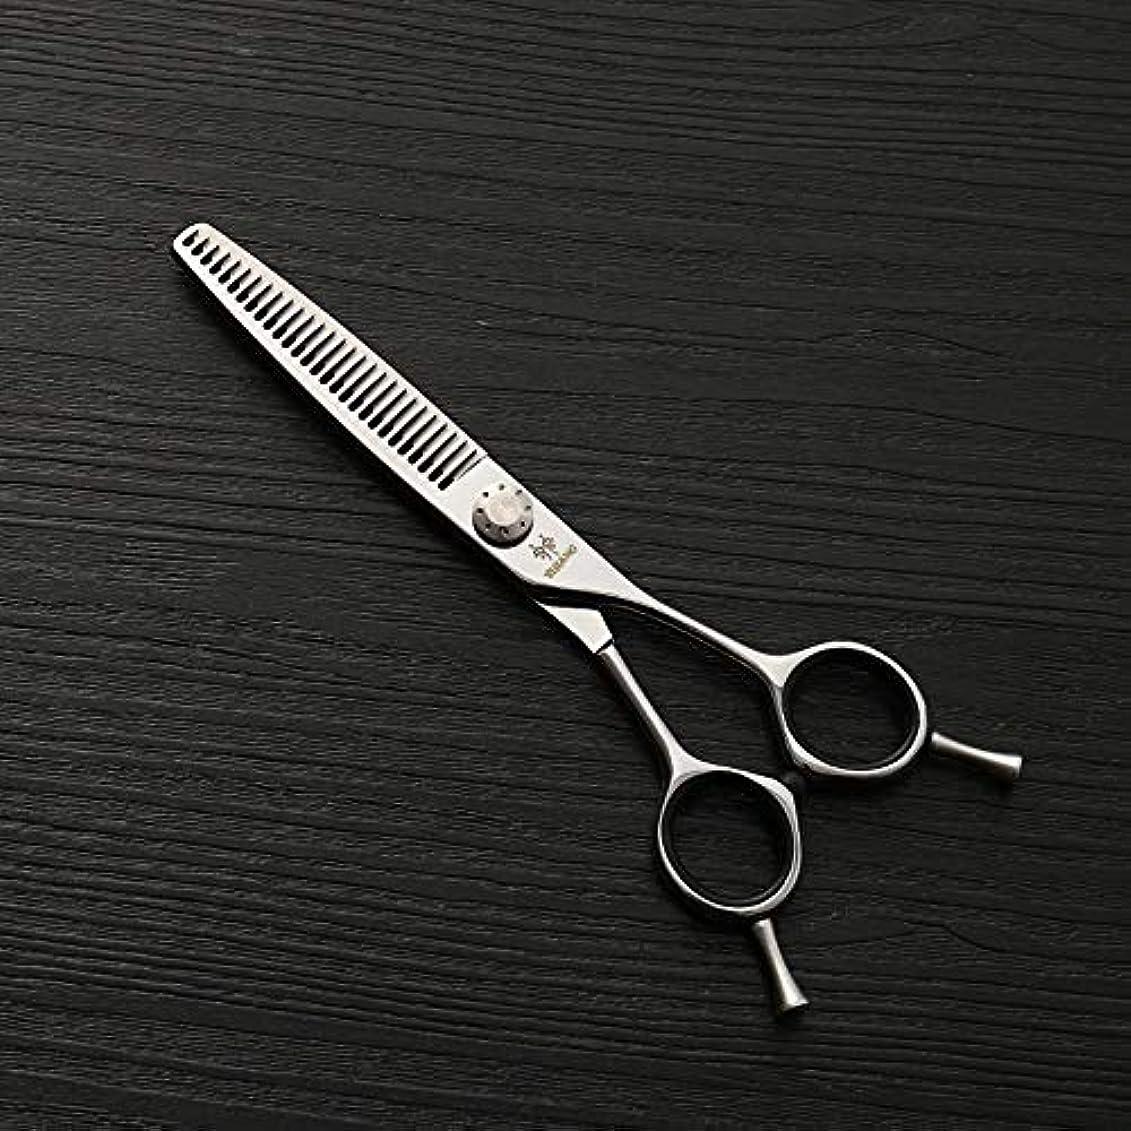 ドロー検閲値する6インチの美容院の専門のステンレス鋼の毛の切断用具はさみ、細い歯の切断の魚骨はさみ ヘアケア (色 : Silver)